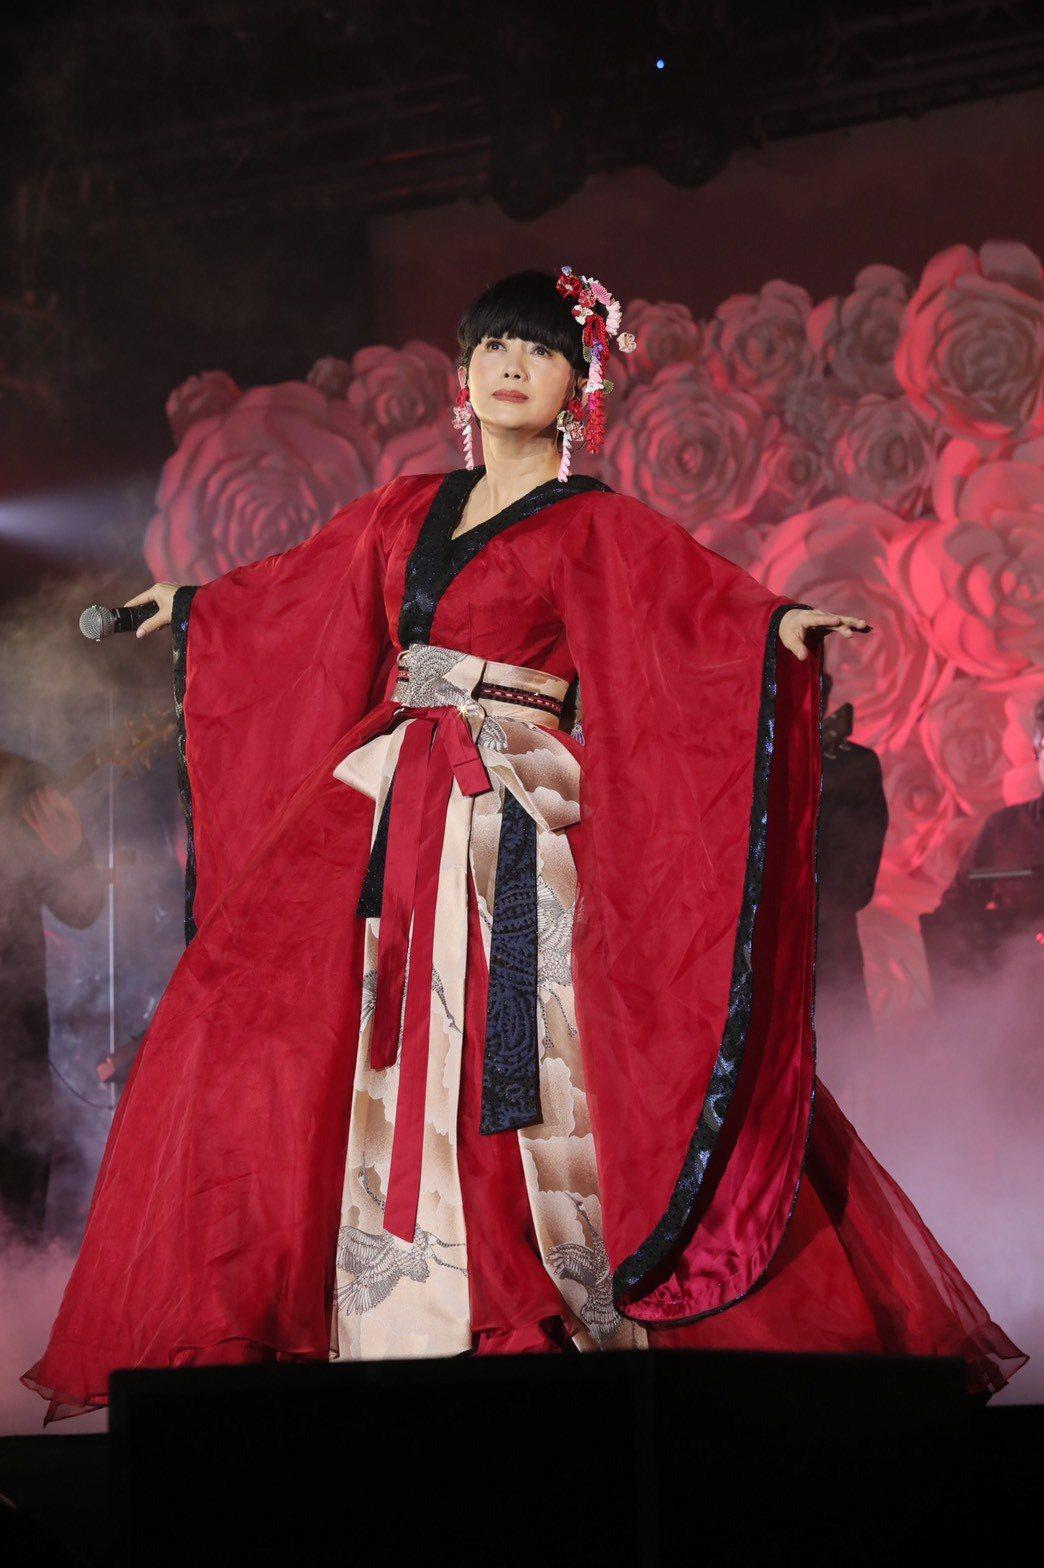 周思潔化身和風歌姬,穿著紅色改良式和服。記者李政龍/攝影